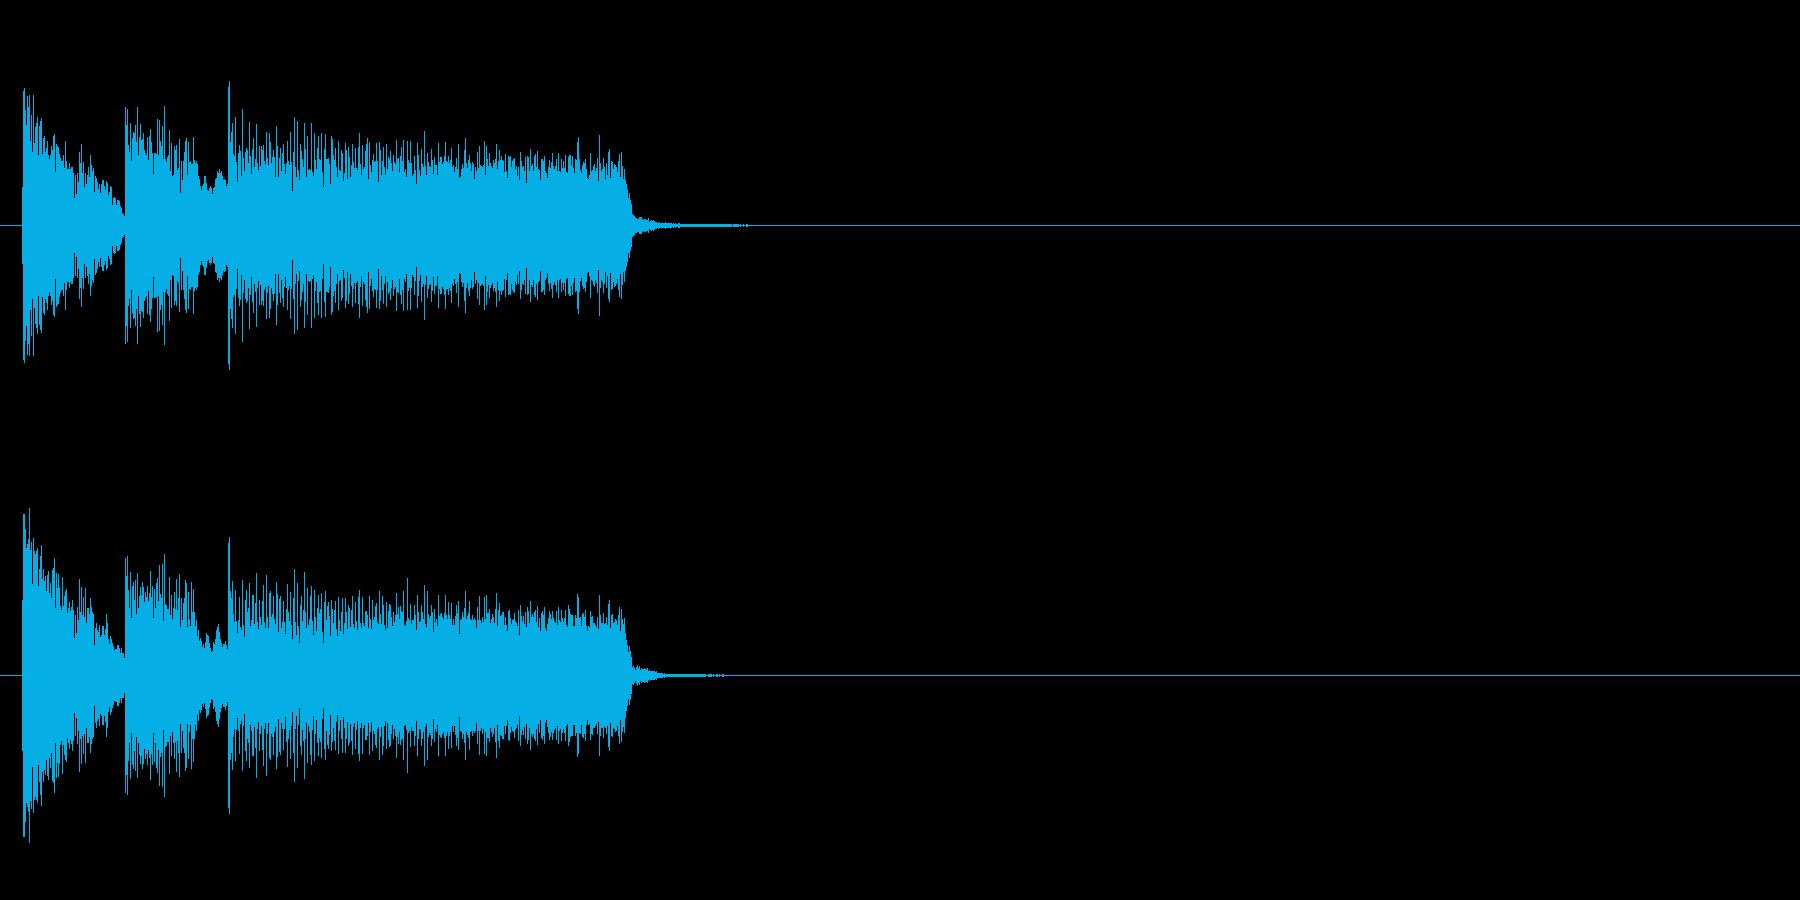 おちゃらけ コミカル クイズ ズッコケの再生済みの波形